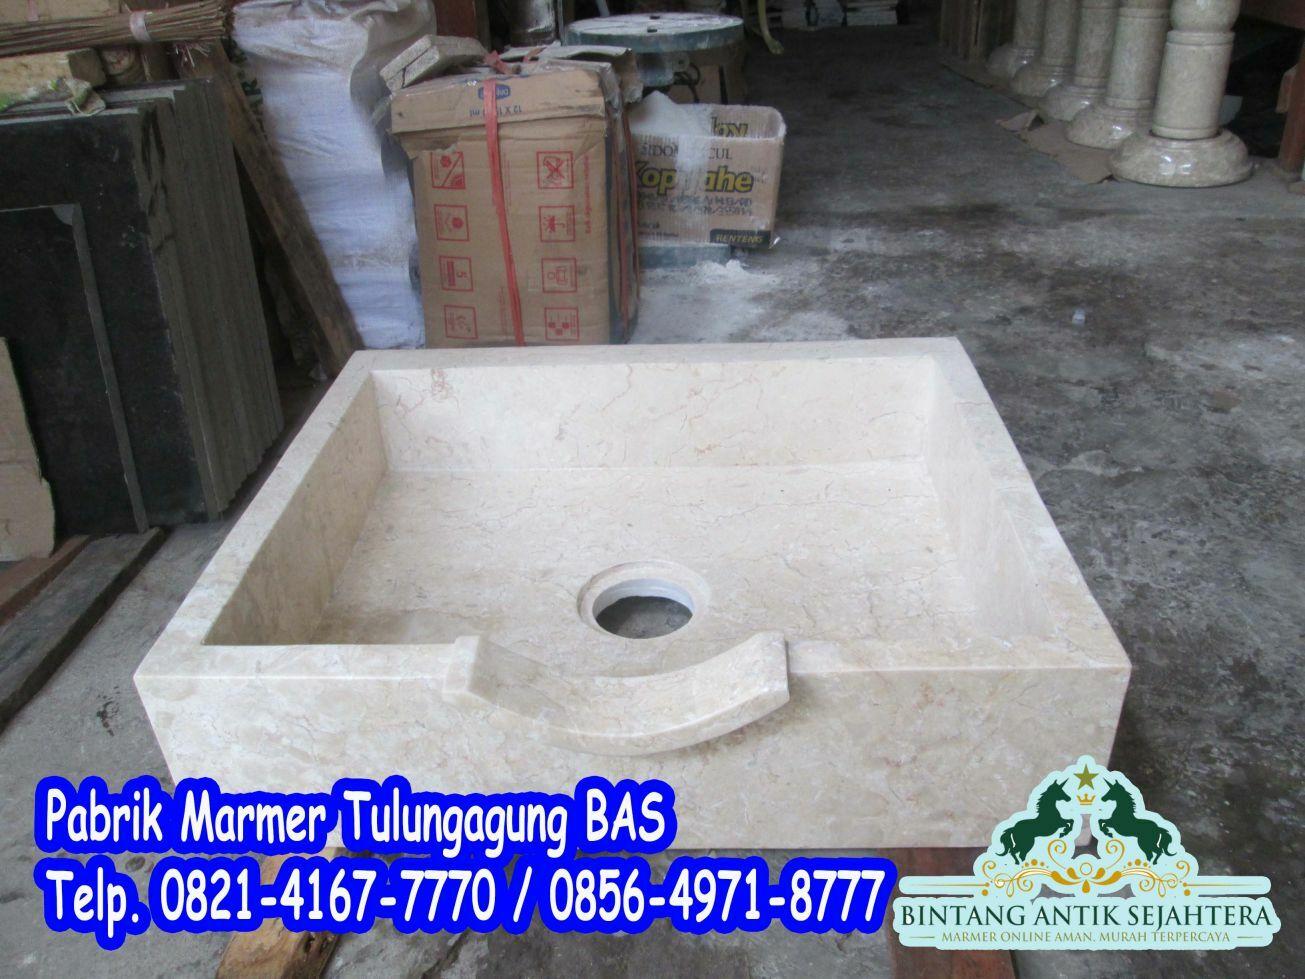 Wastafel Kotak Marmer Lubang Tengah